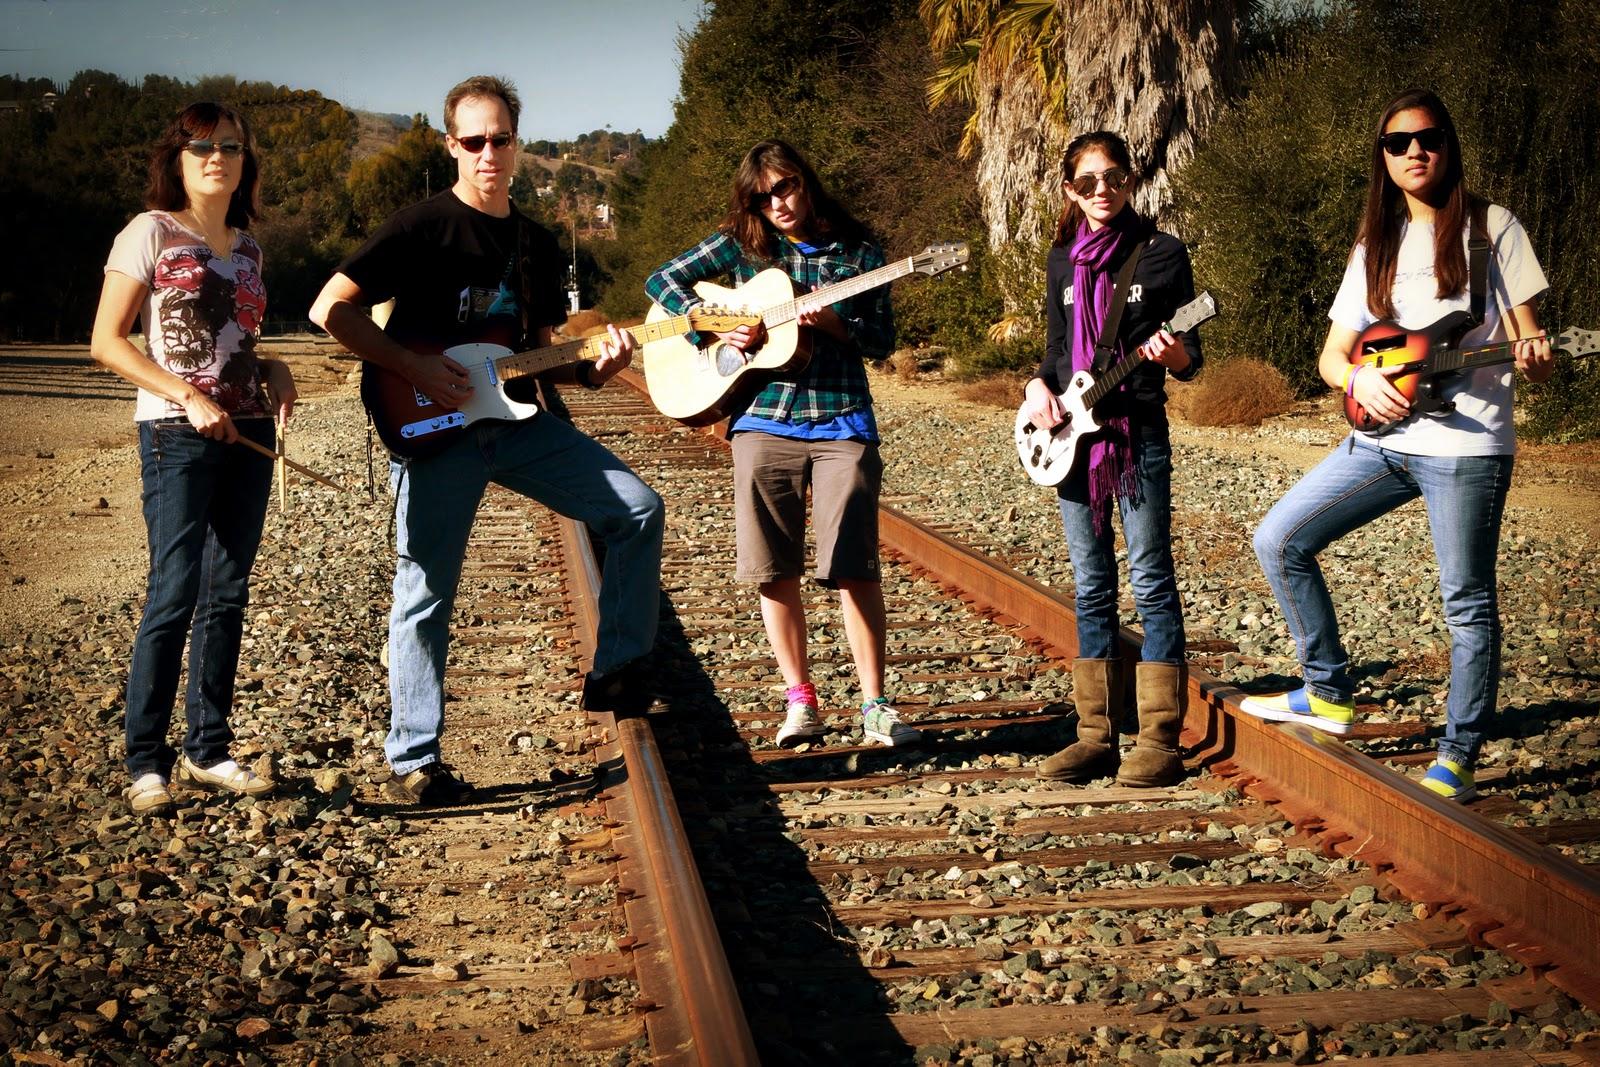 http://1.bp.blogspot.com/-3L0RrUK8K1g/TxSw32oAR1I/AAAAAAAAHQY/vZEOjEvitYY/s1600/Photo+Challenge.jpg